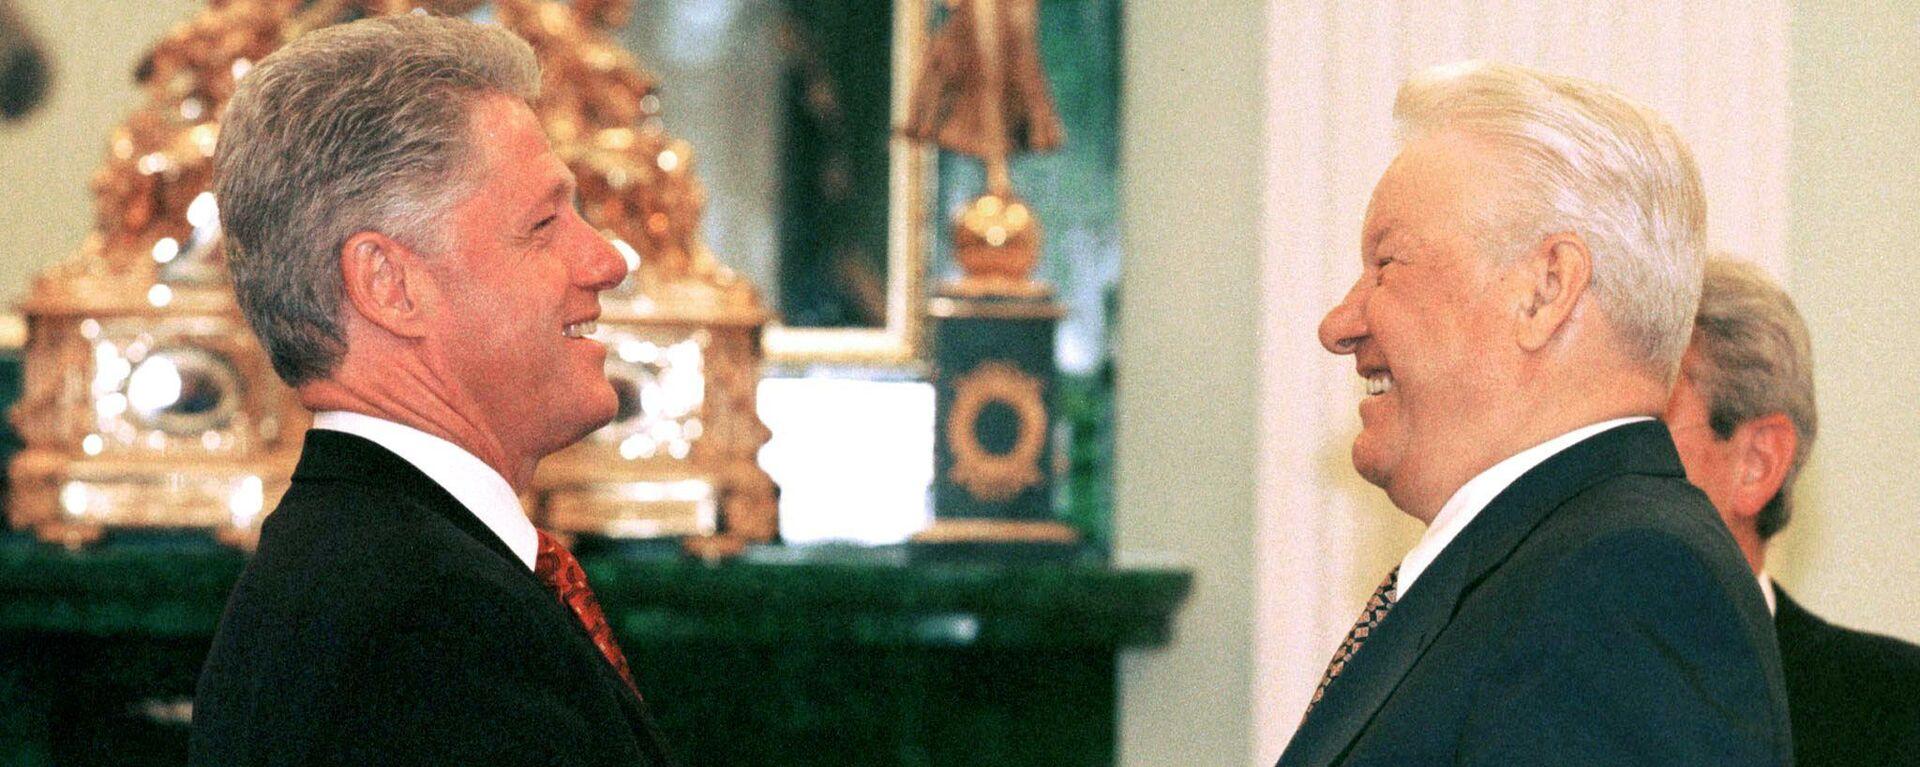 Der 42. US-Präsident Bill Clinton und sein damaliger russischer Amtskollege Boris Jelzin beim Treffen on Moskau (Archivfoto) - SNA, 1920, 26.09.2021